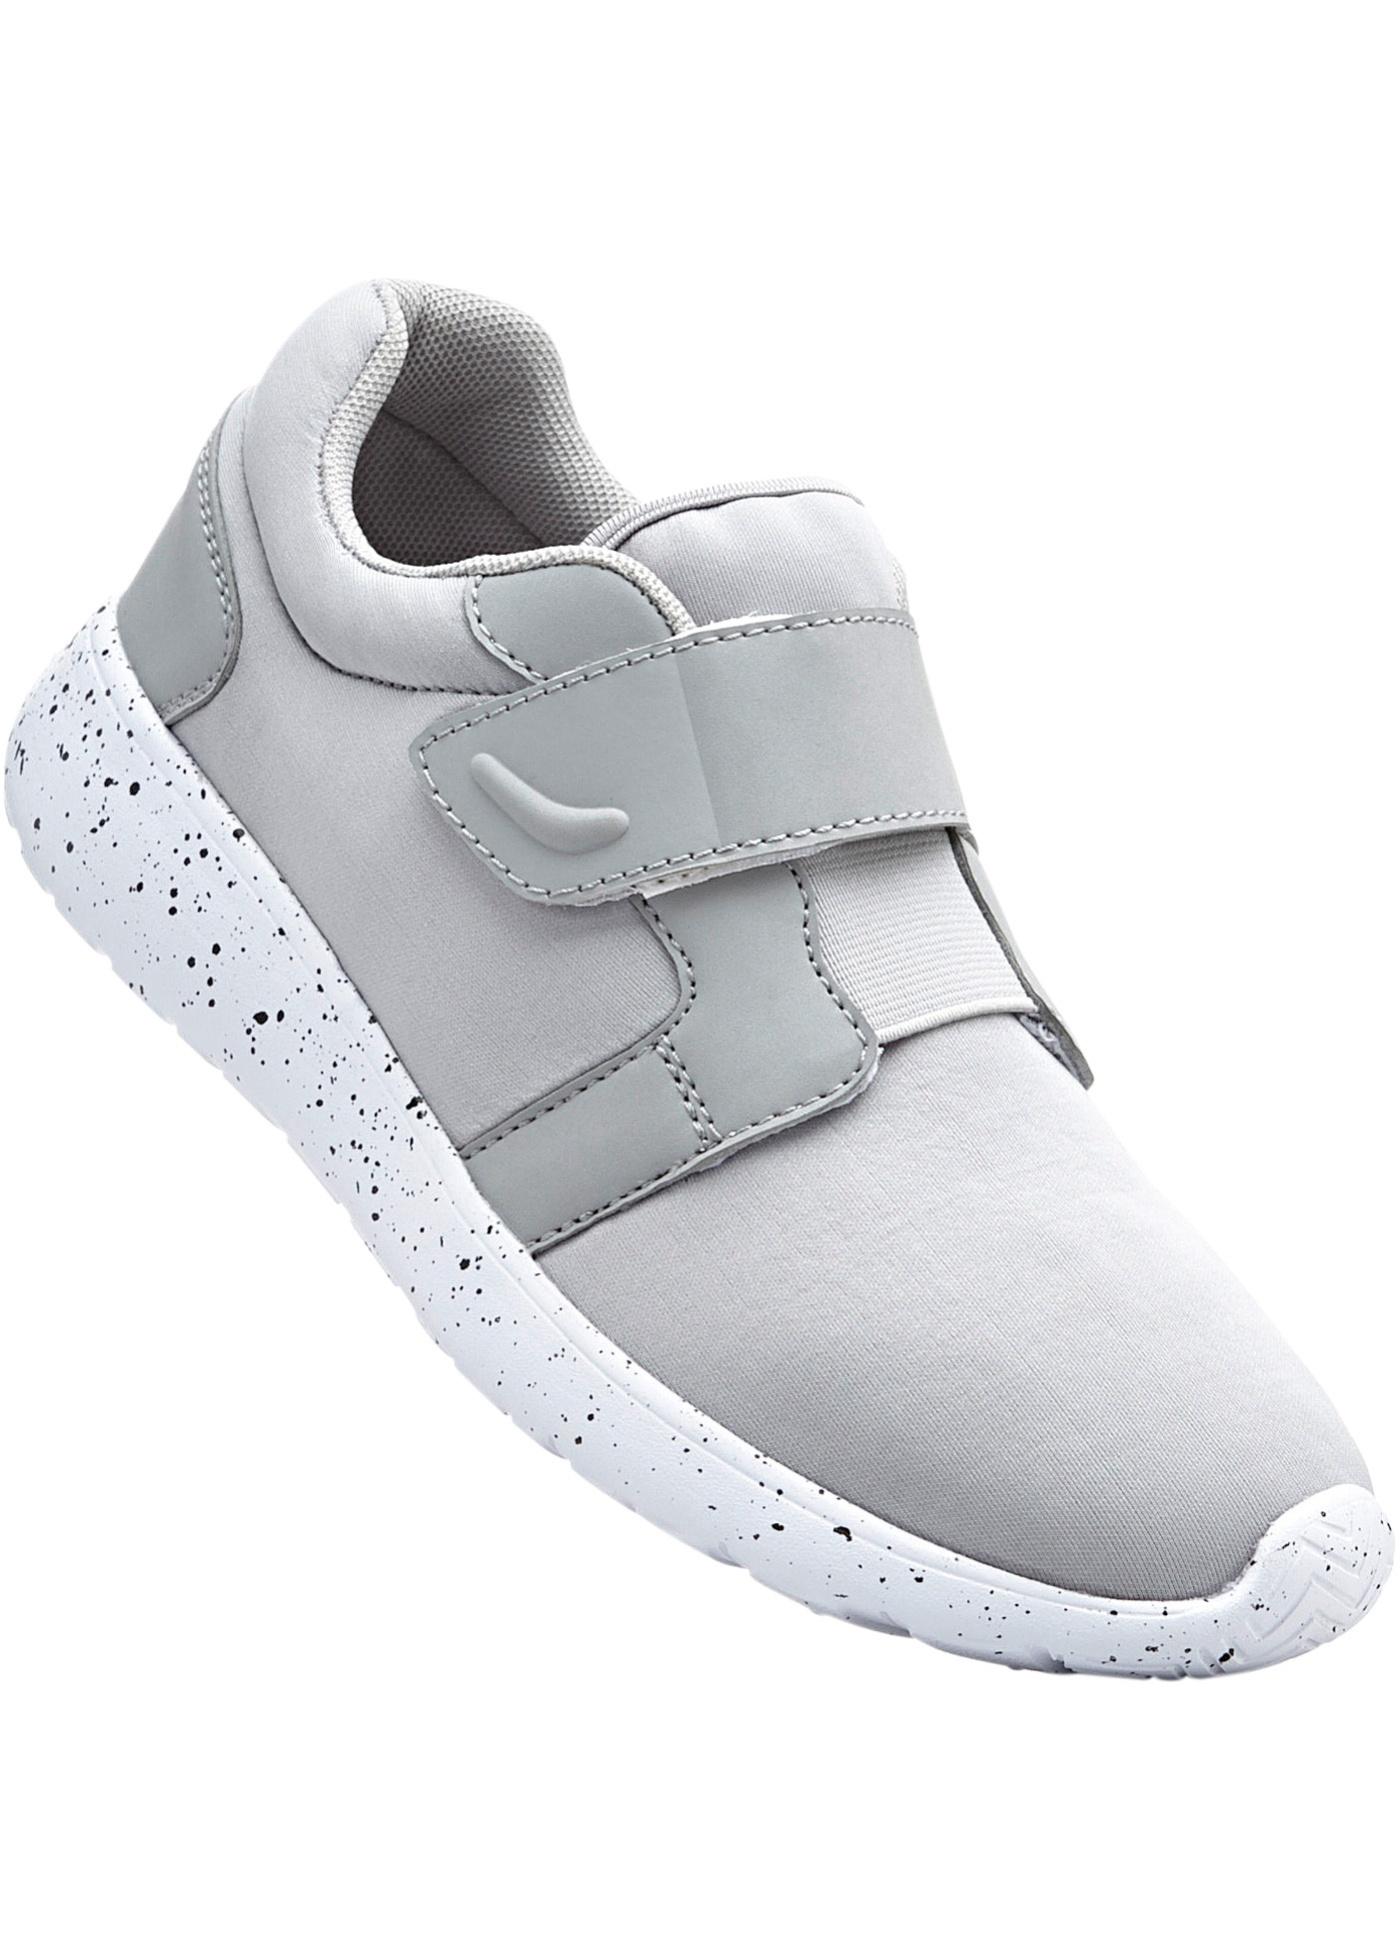 """Sneakers avec fermeture auto-agrippante, élastique d""""aisance pour ajuster l""""ampleur, semelle extérieure légère."""